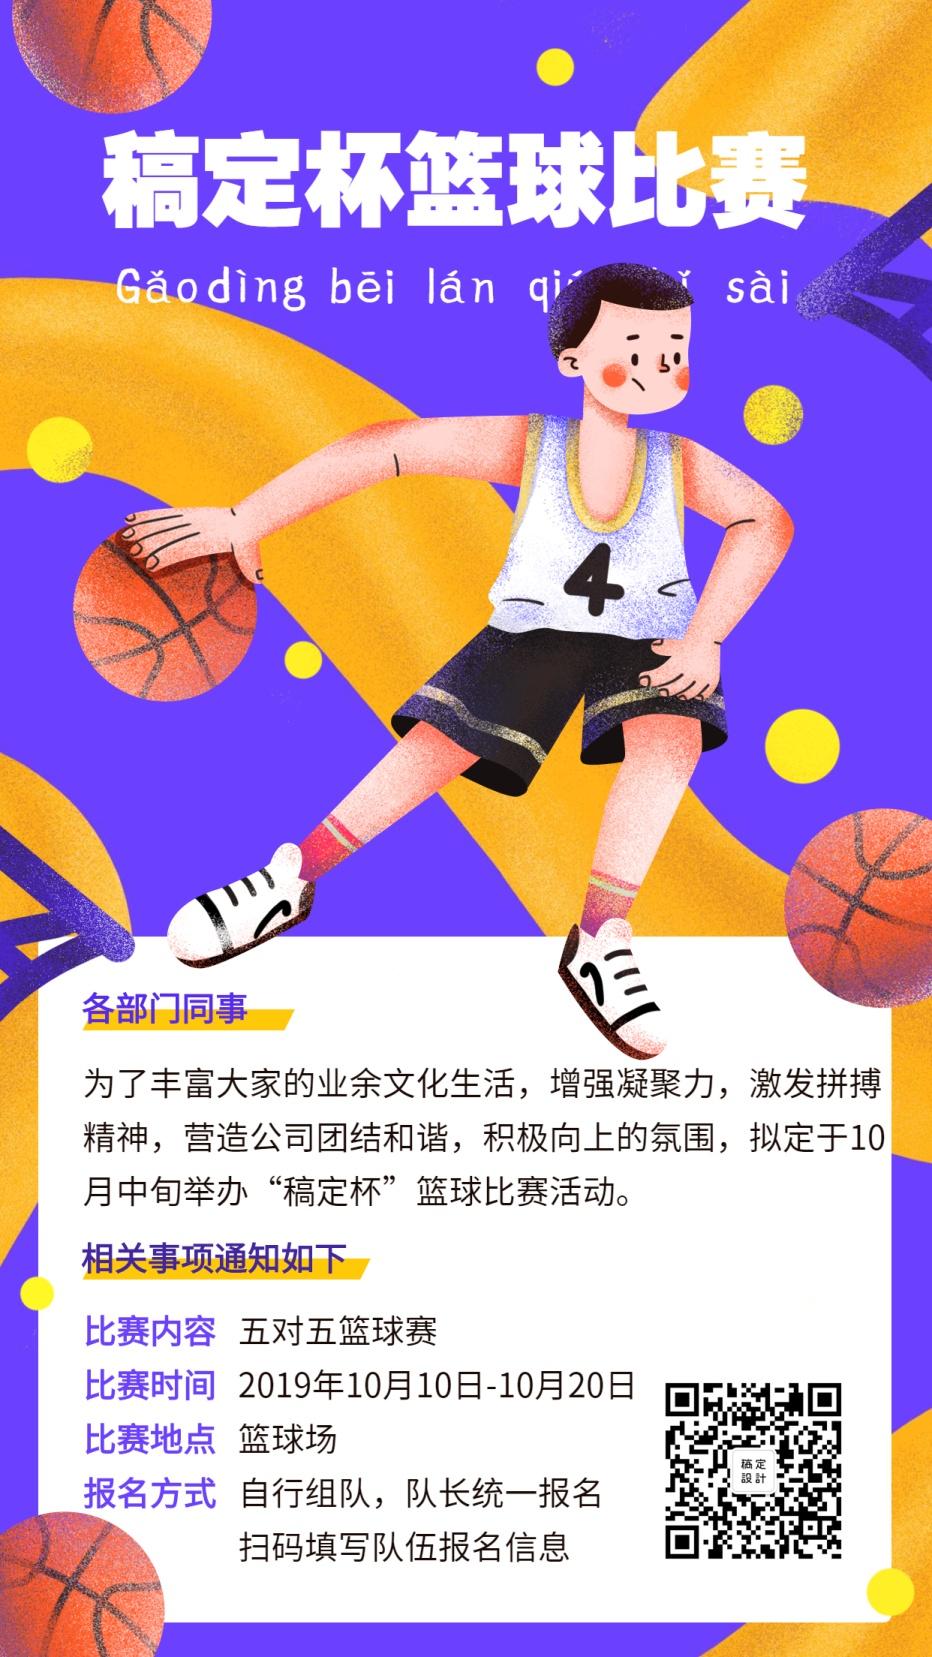 稿定杯篮球比赛团建手机海报